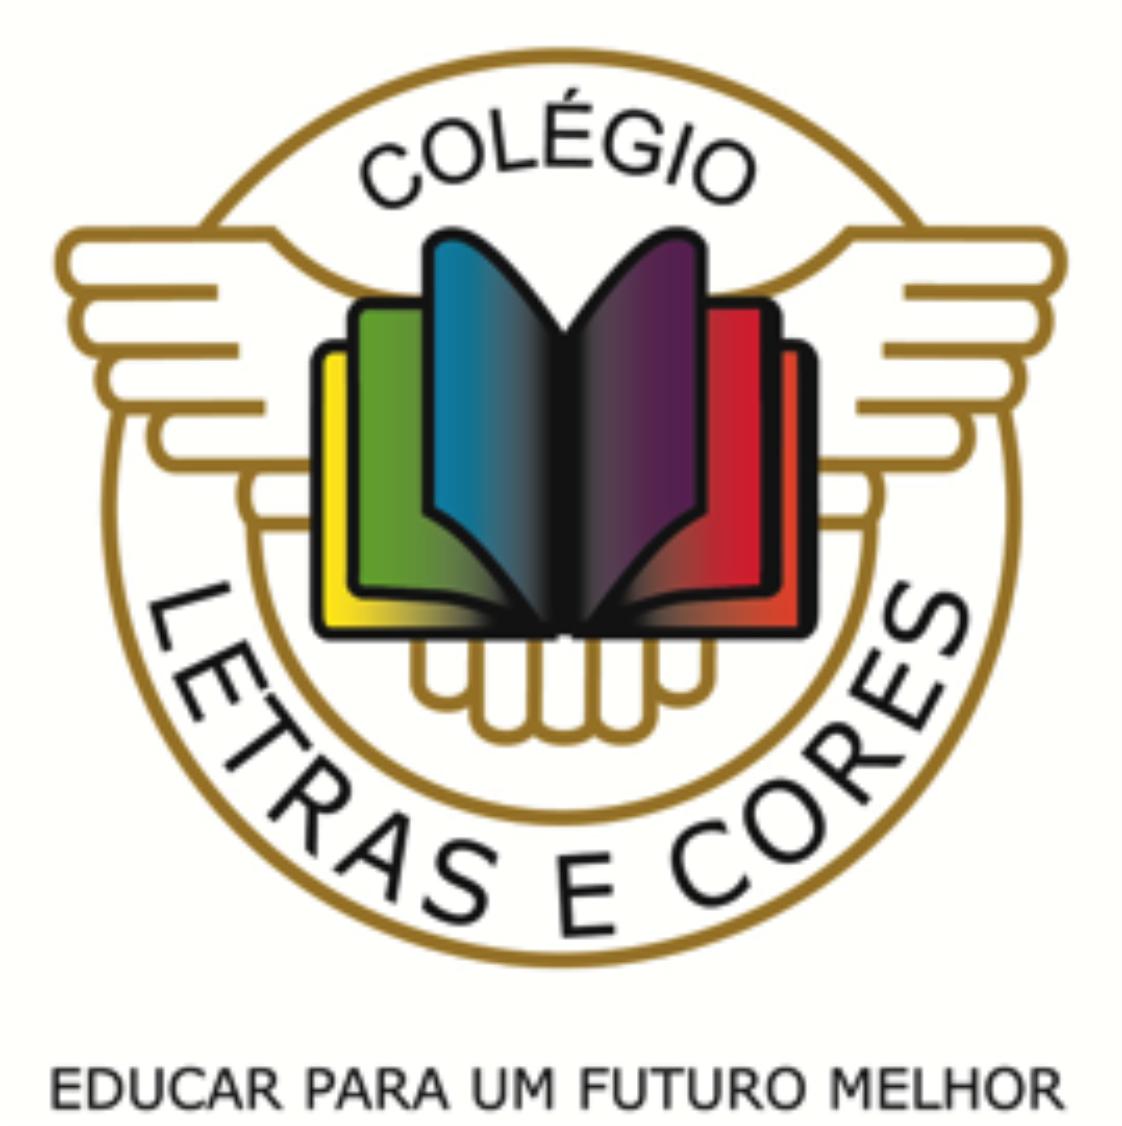 colégio letras e Cores.png